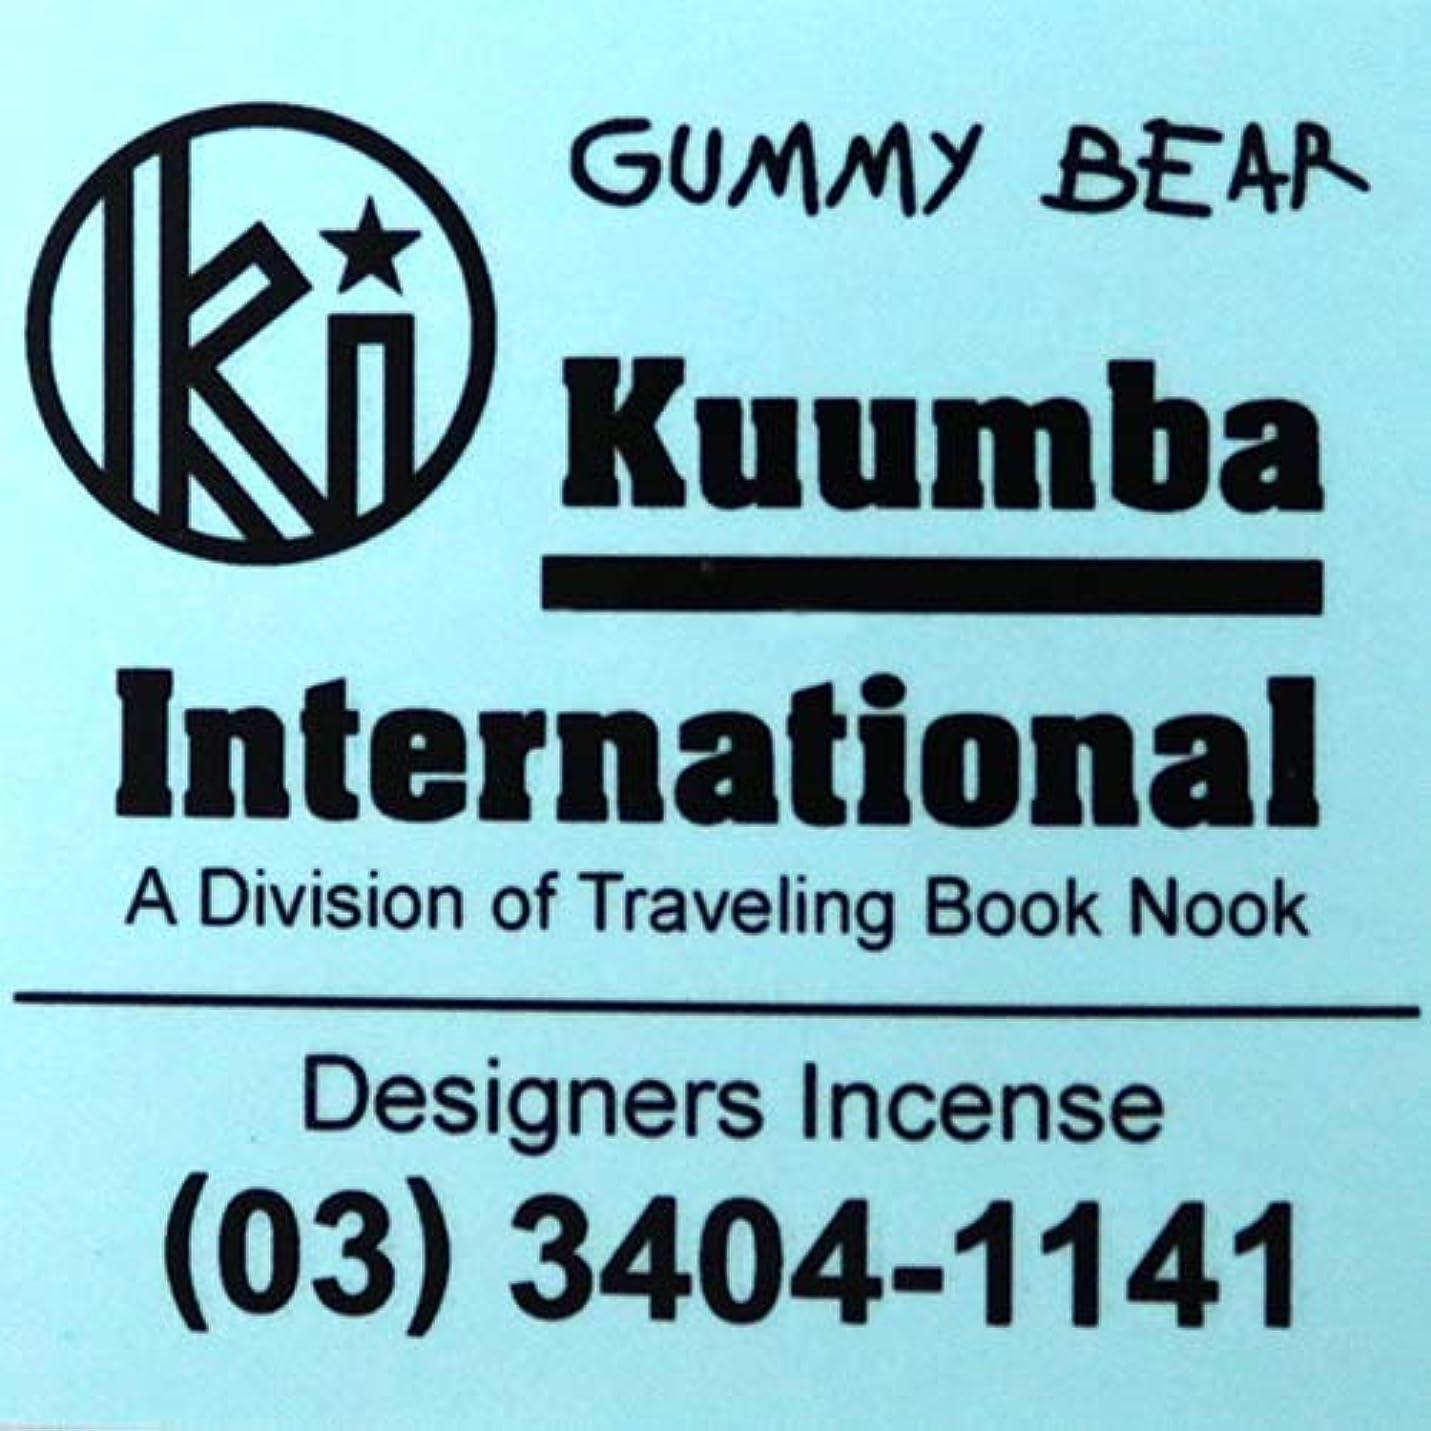 機関テーマホールド(クンバ) KUUMBA『incense』(GUMMY BEAR) (GUMMY BEAR, Regular size)